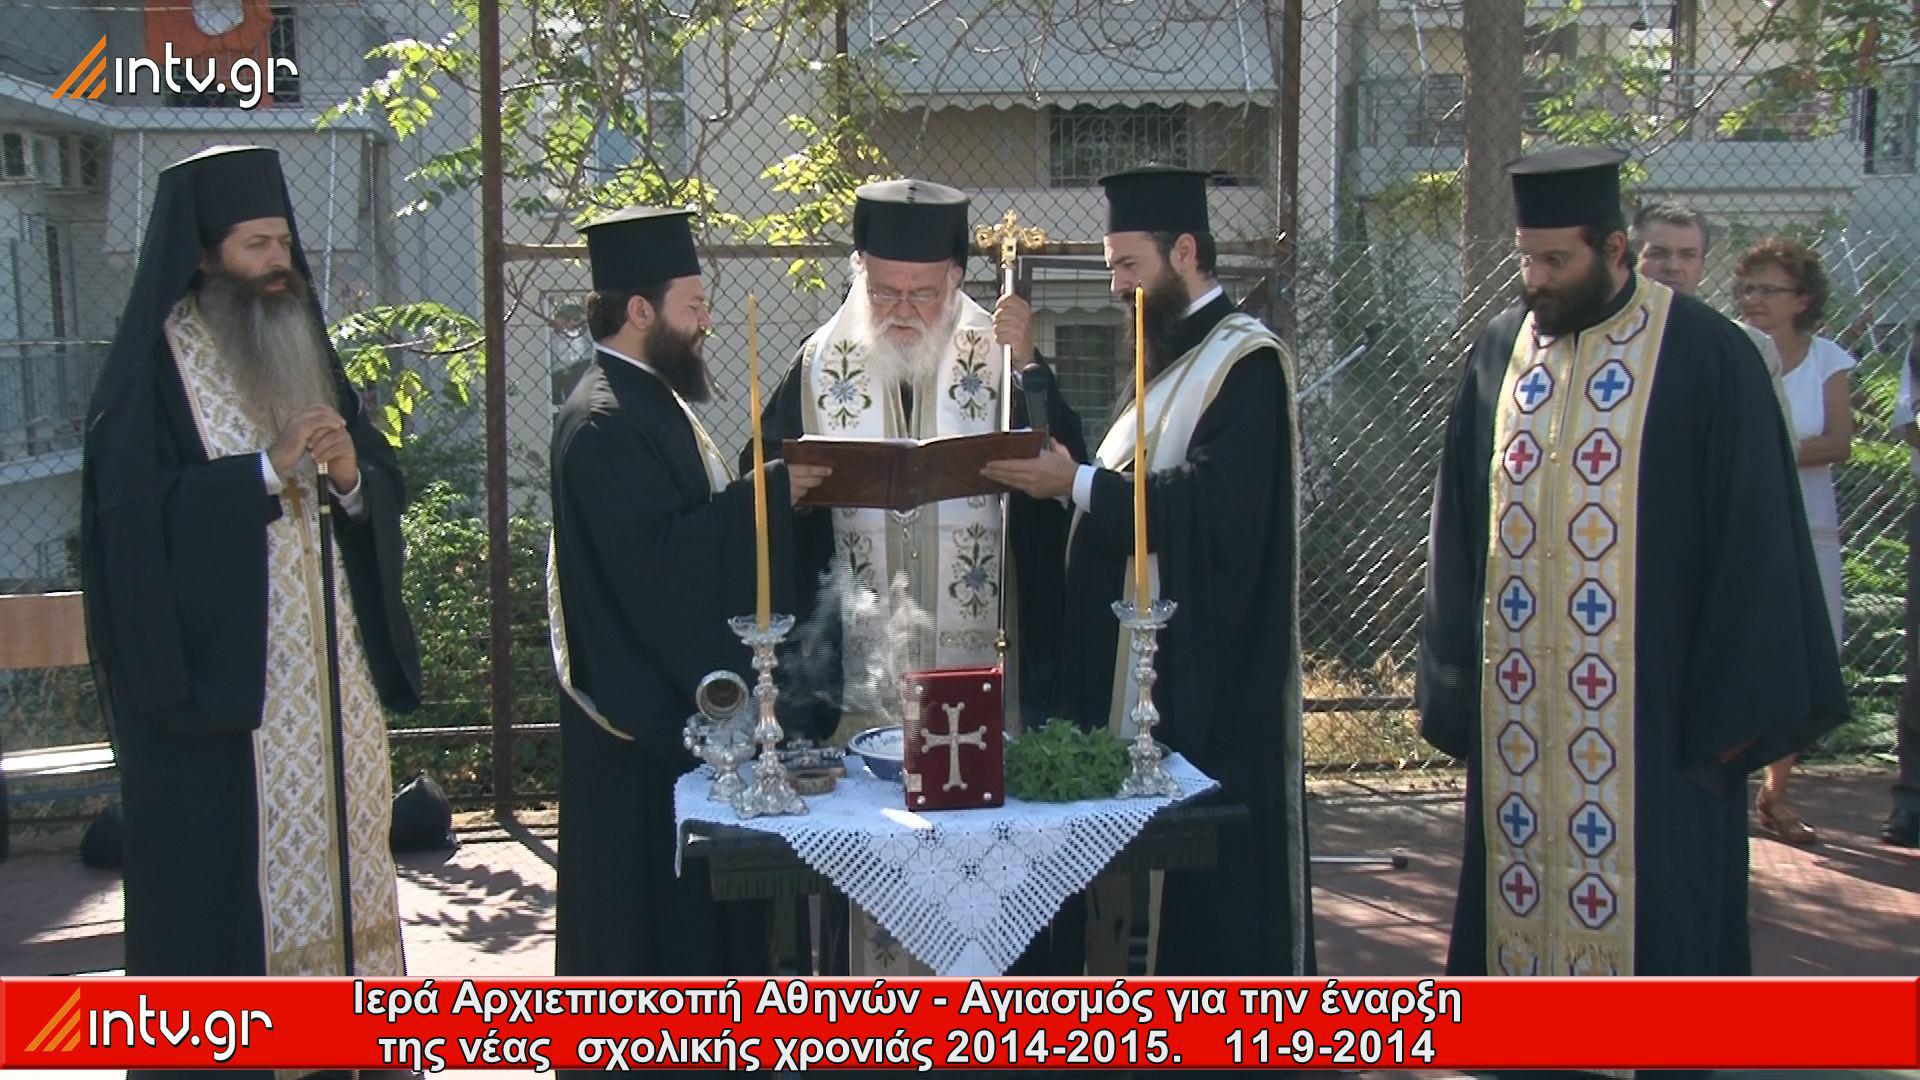 Ιερά Αρχιεπισκοπή Αθηνών - Αγιασμός για την έναρξη της νέας  σχολικής χρονιάς 2014-2015.